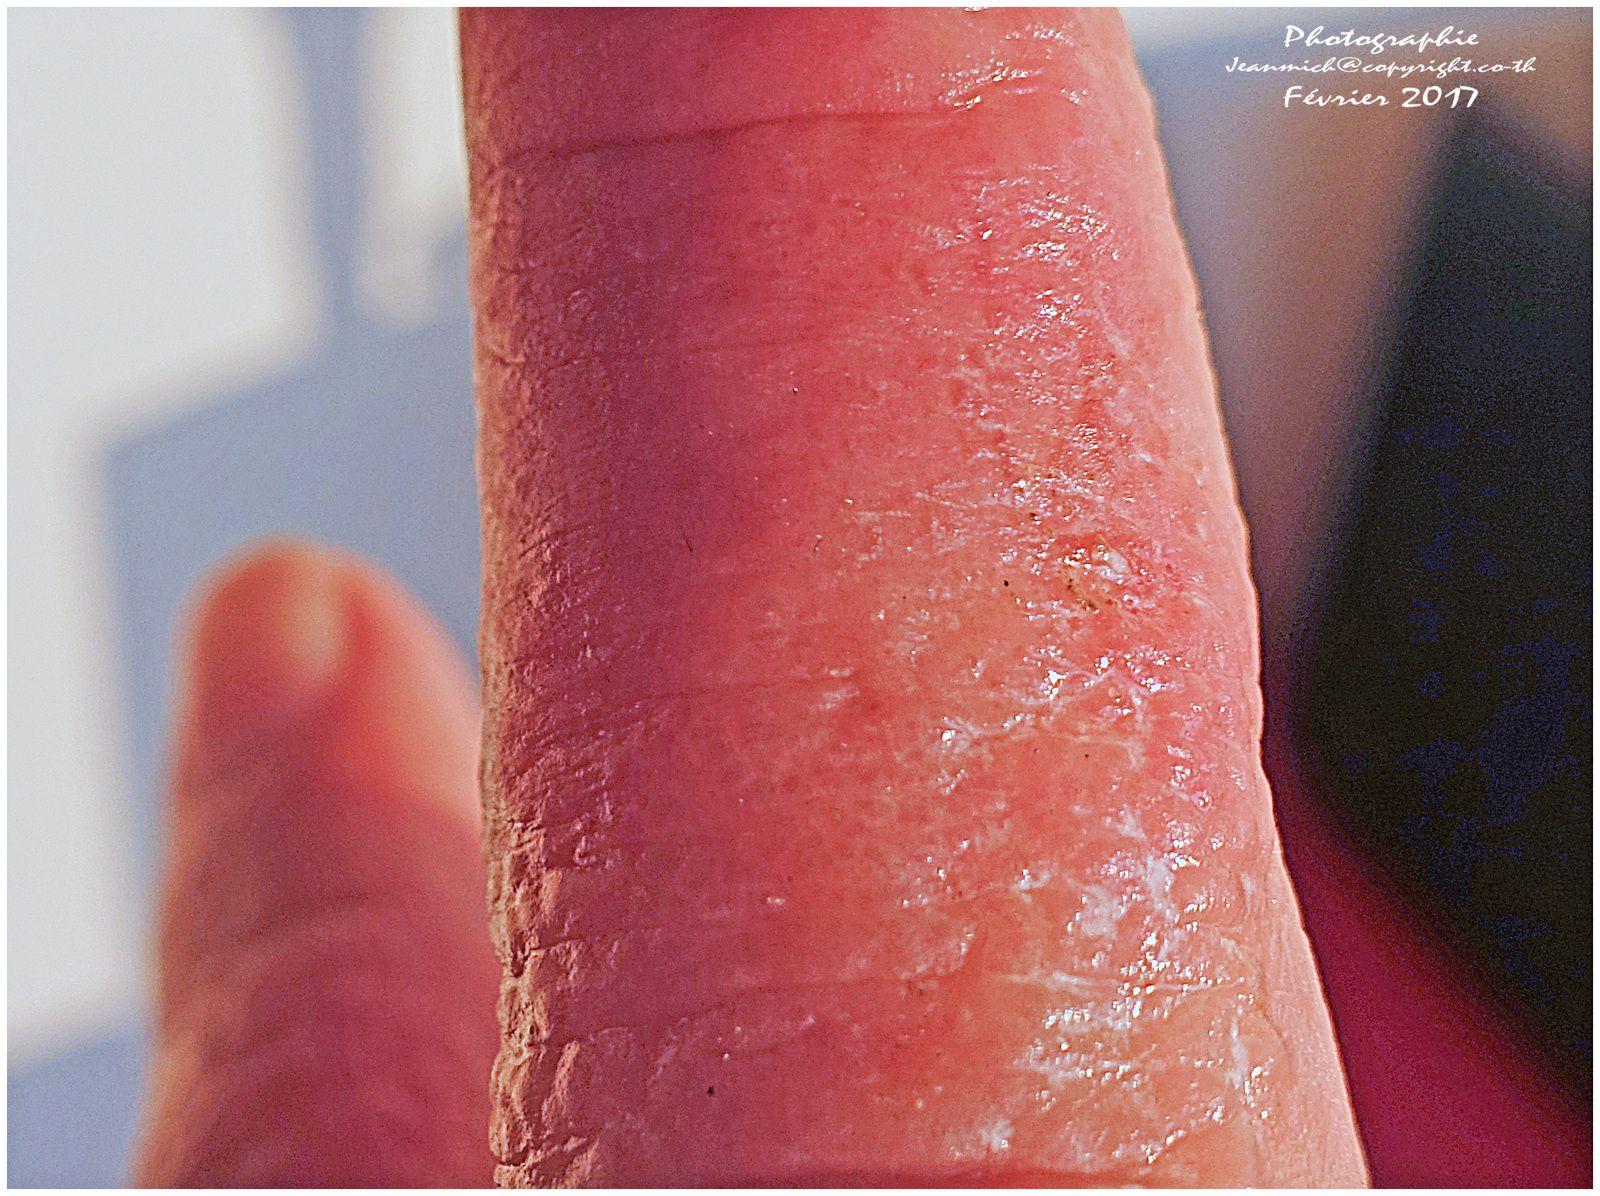 Les allergies dues aux engrais (Thaïlande)